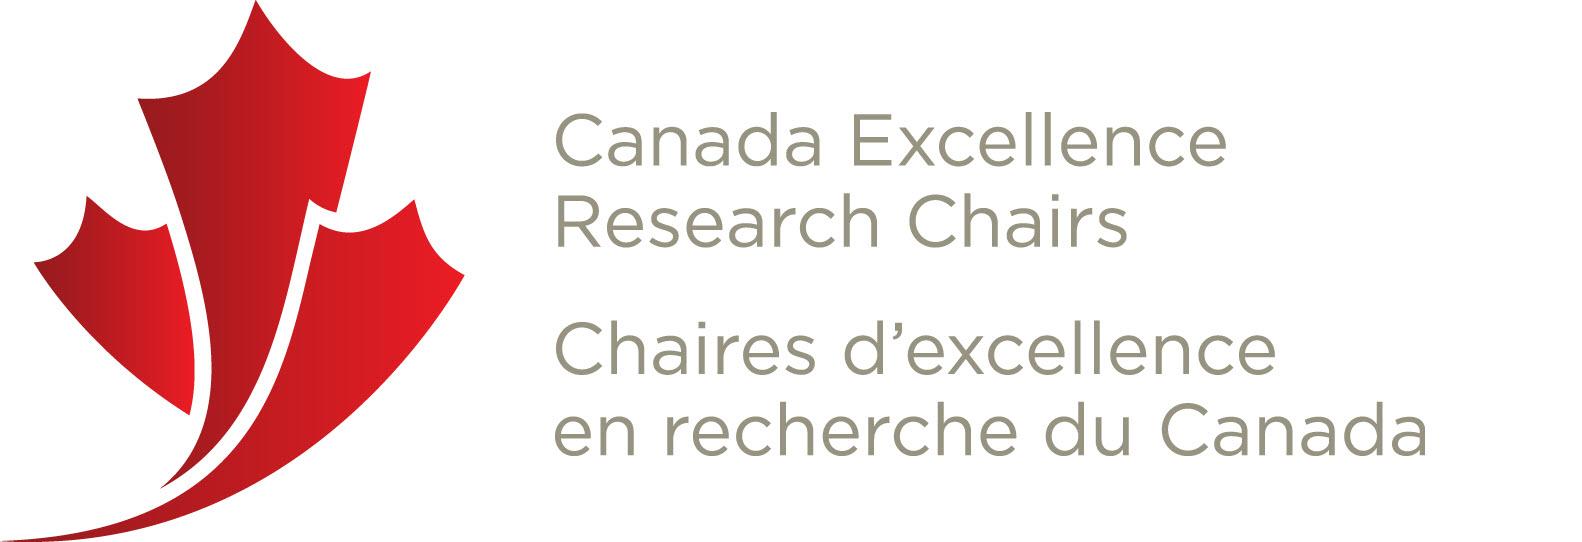 Chaires d'excellance en recherche du Canada